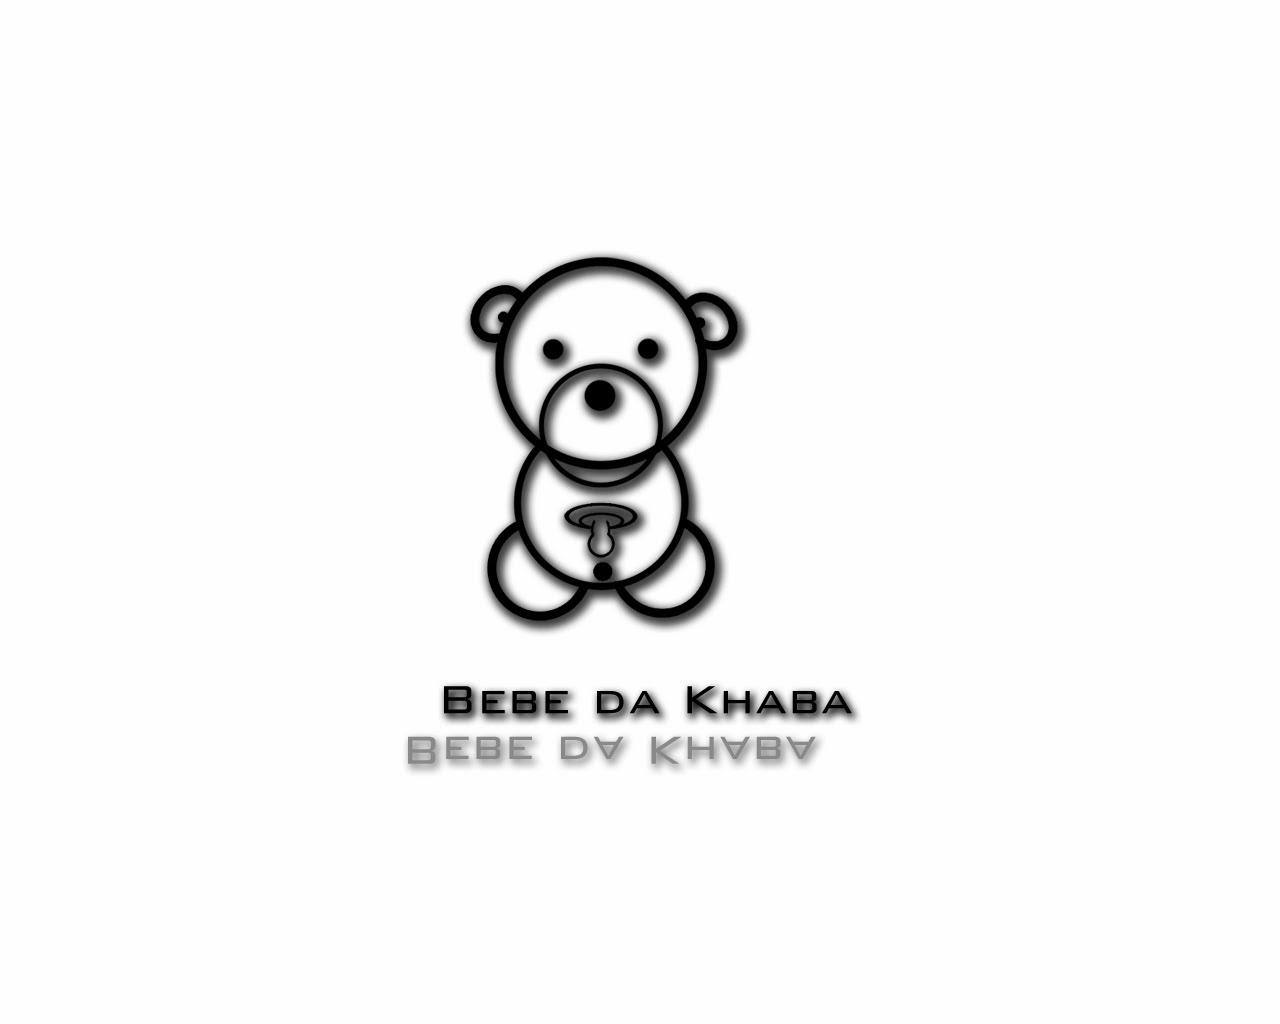 Bebe da Khaba